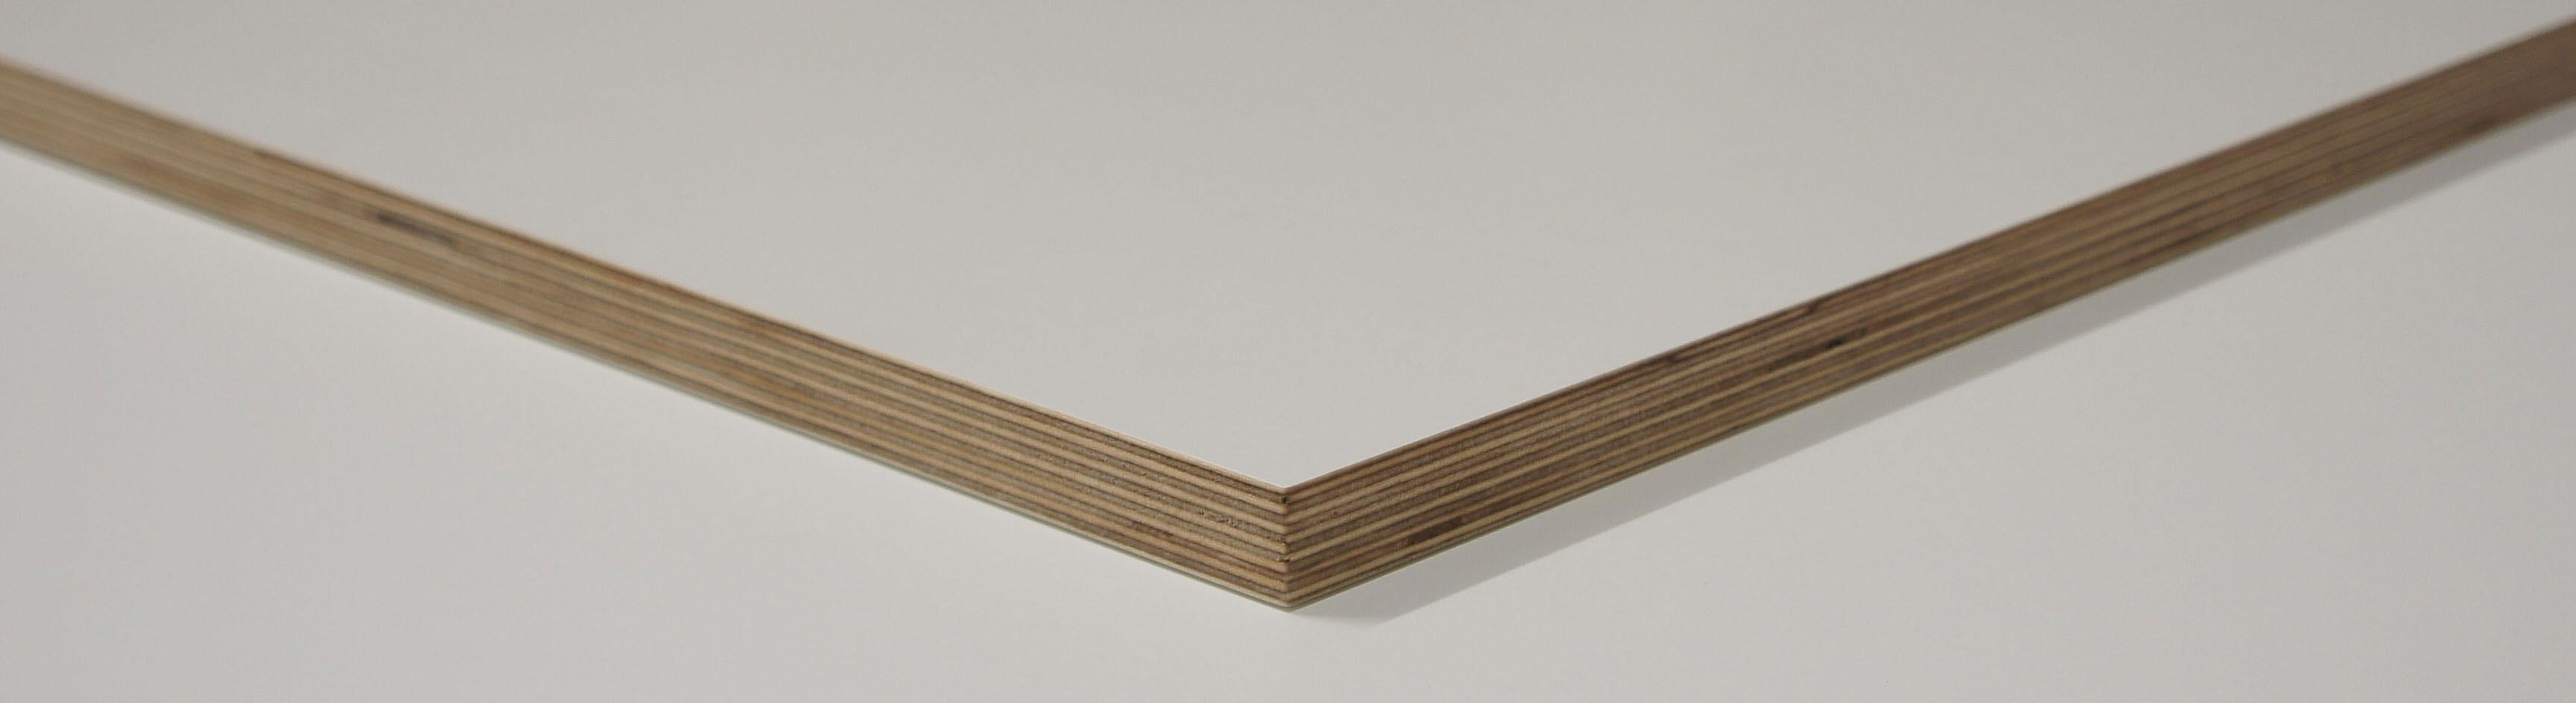 Sperrholz weiss beschichtet